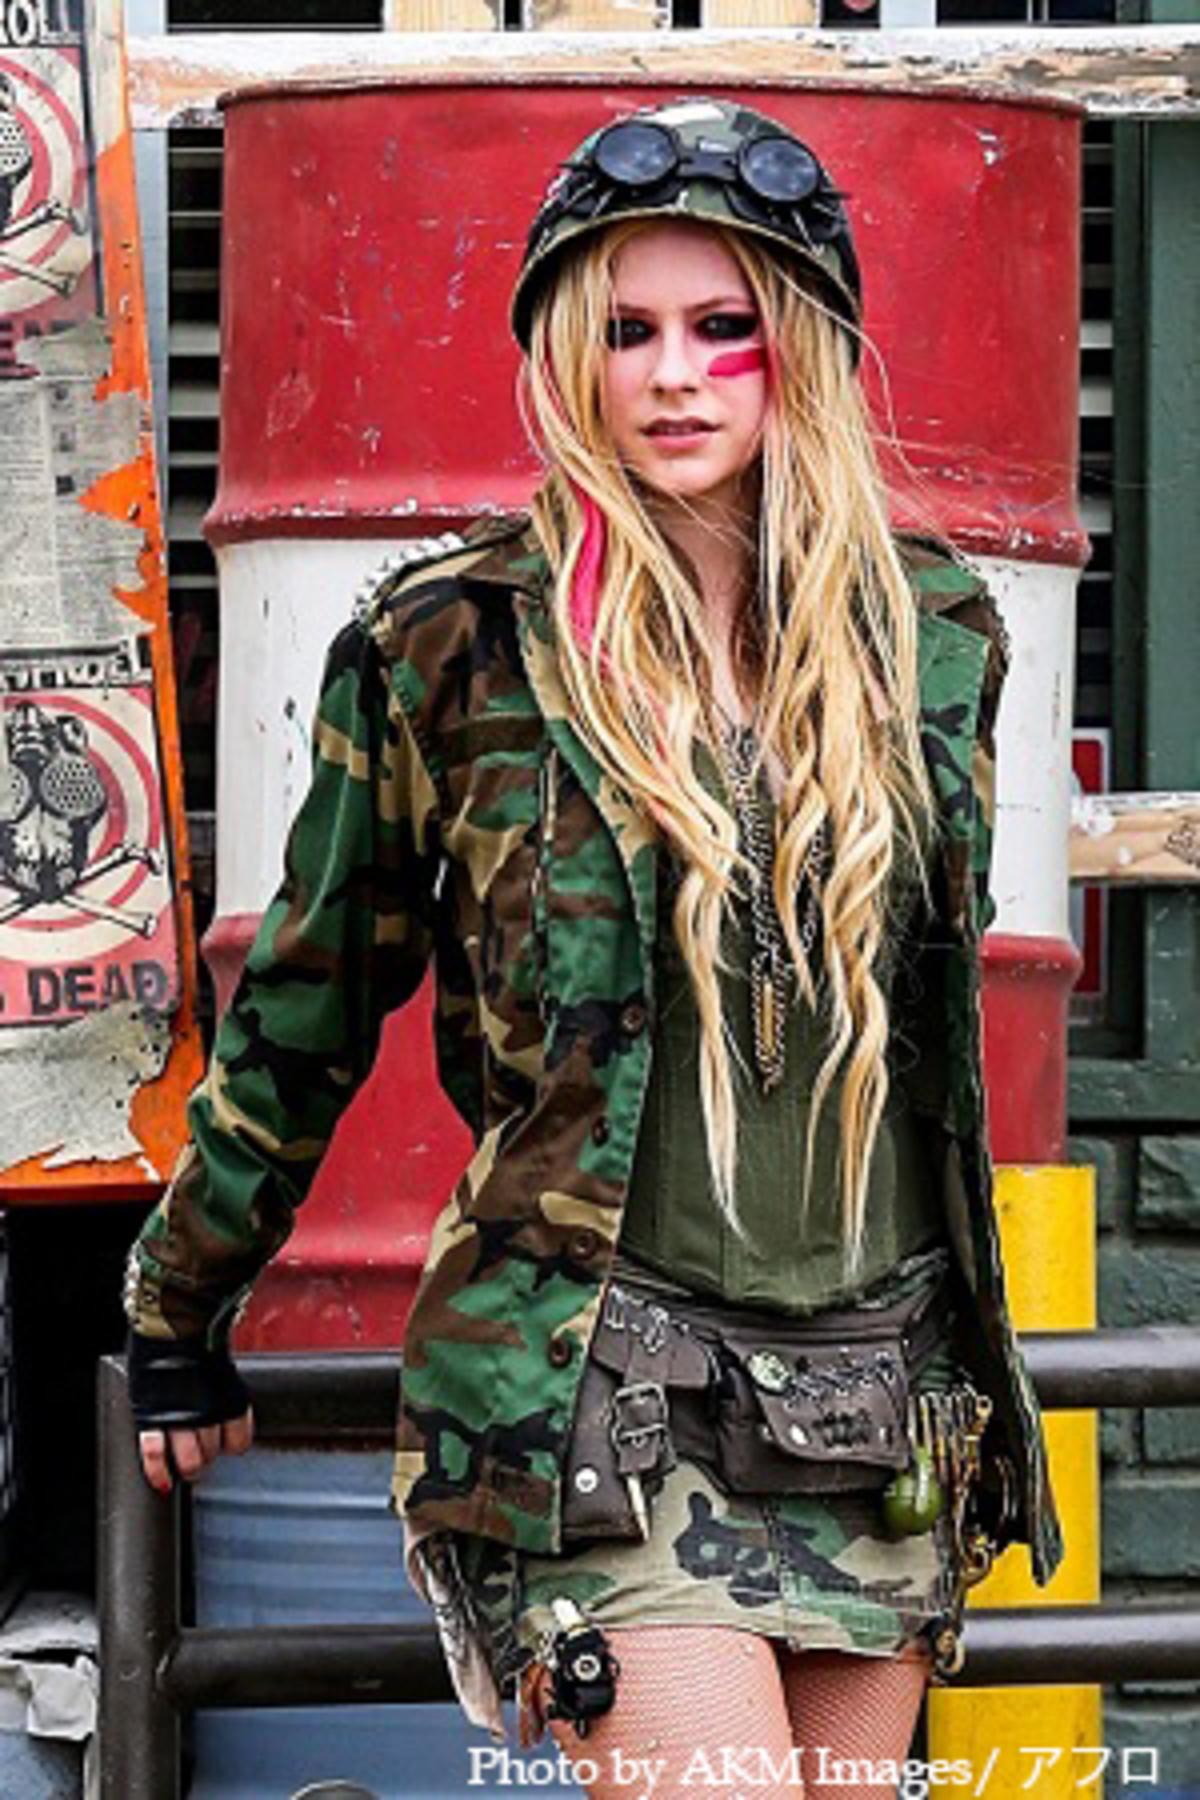 Avril lavigne goodbye - 2 7